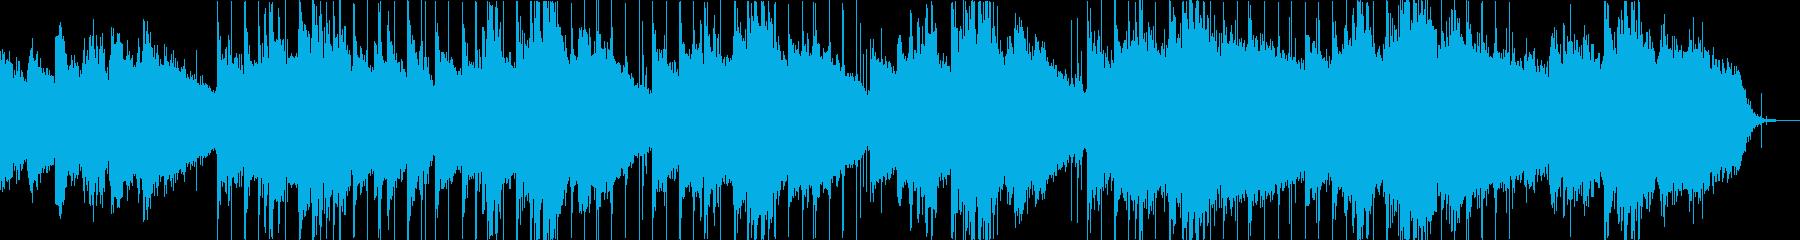 ローファイ・ヒップホップ・悲しい・切ないの再生済みの波形